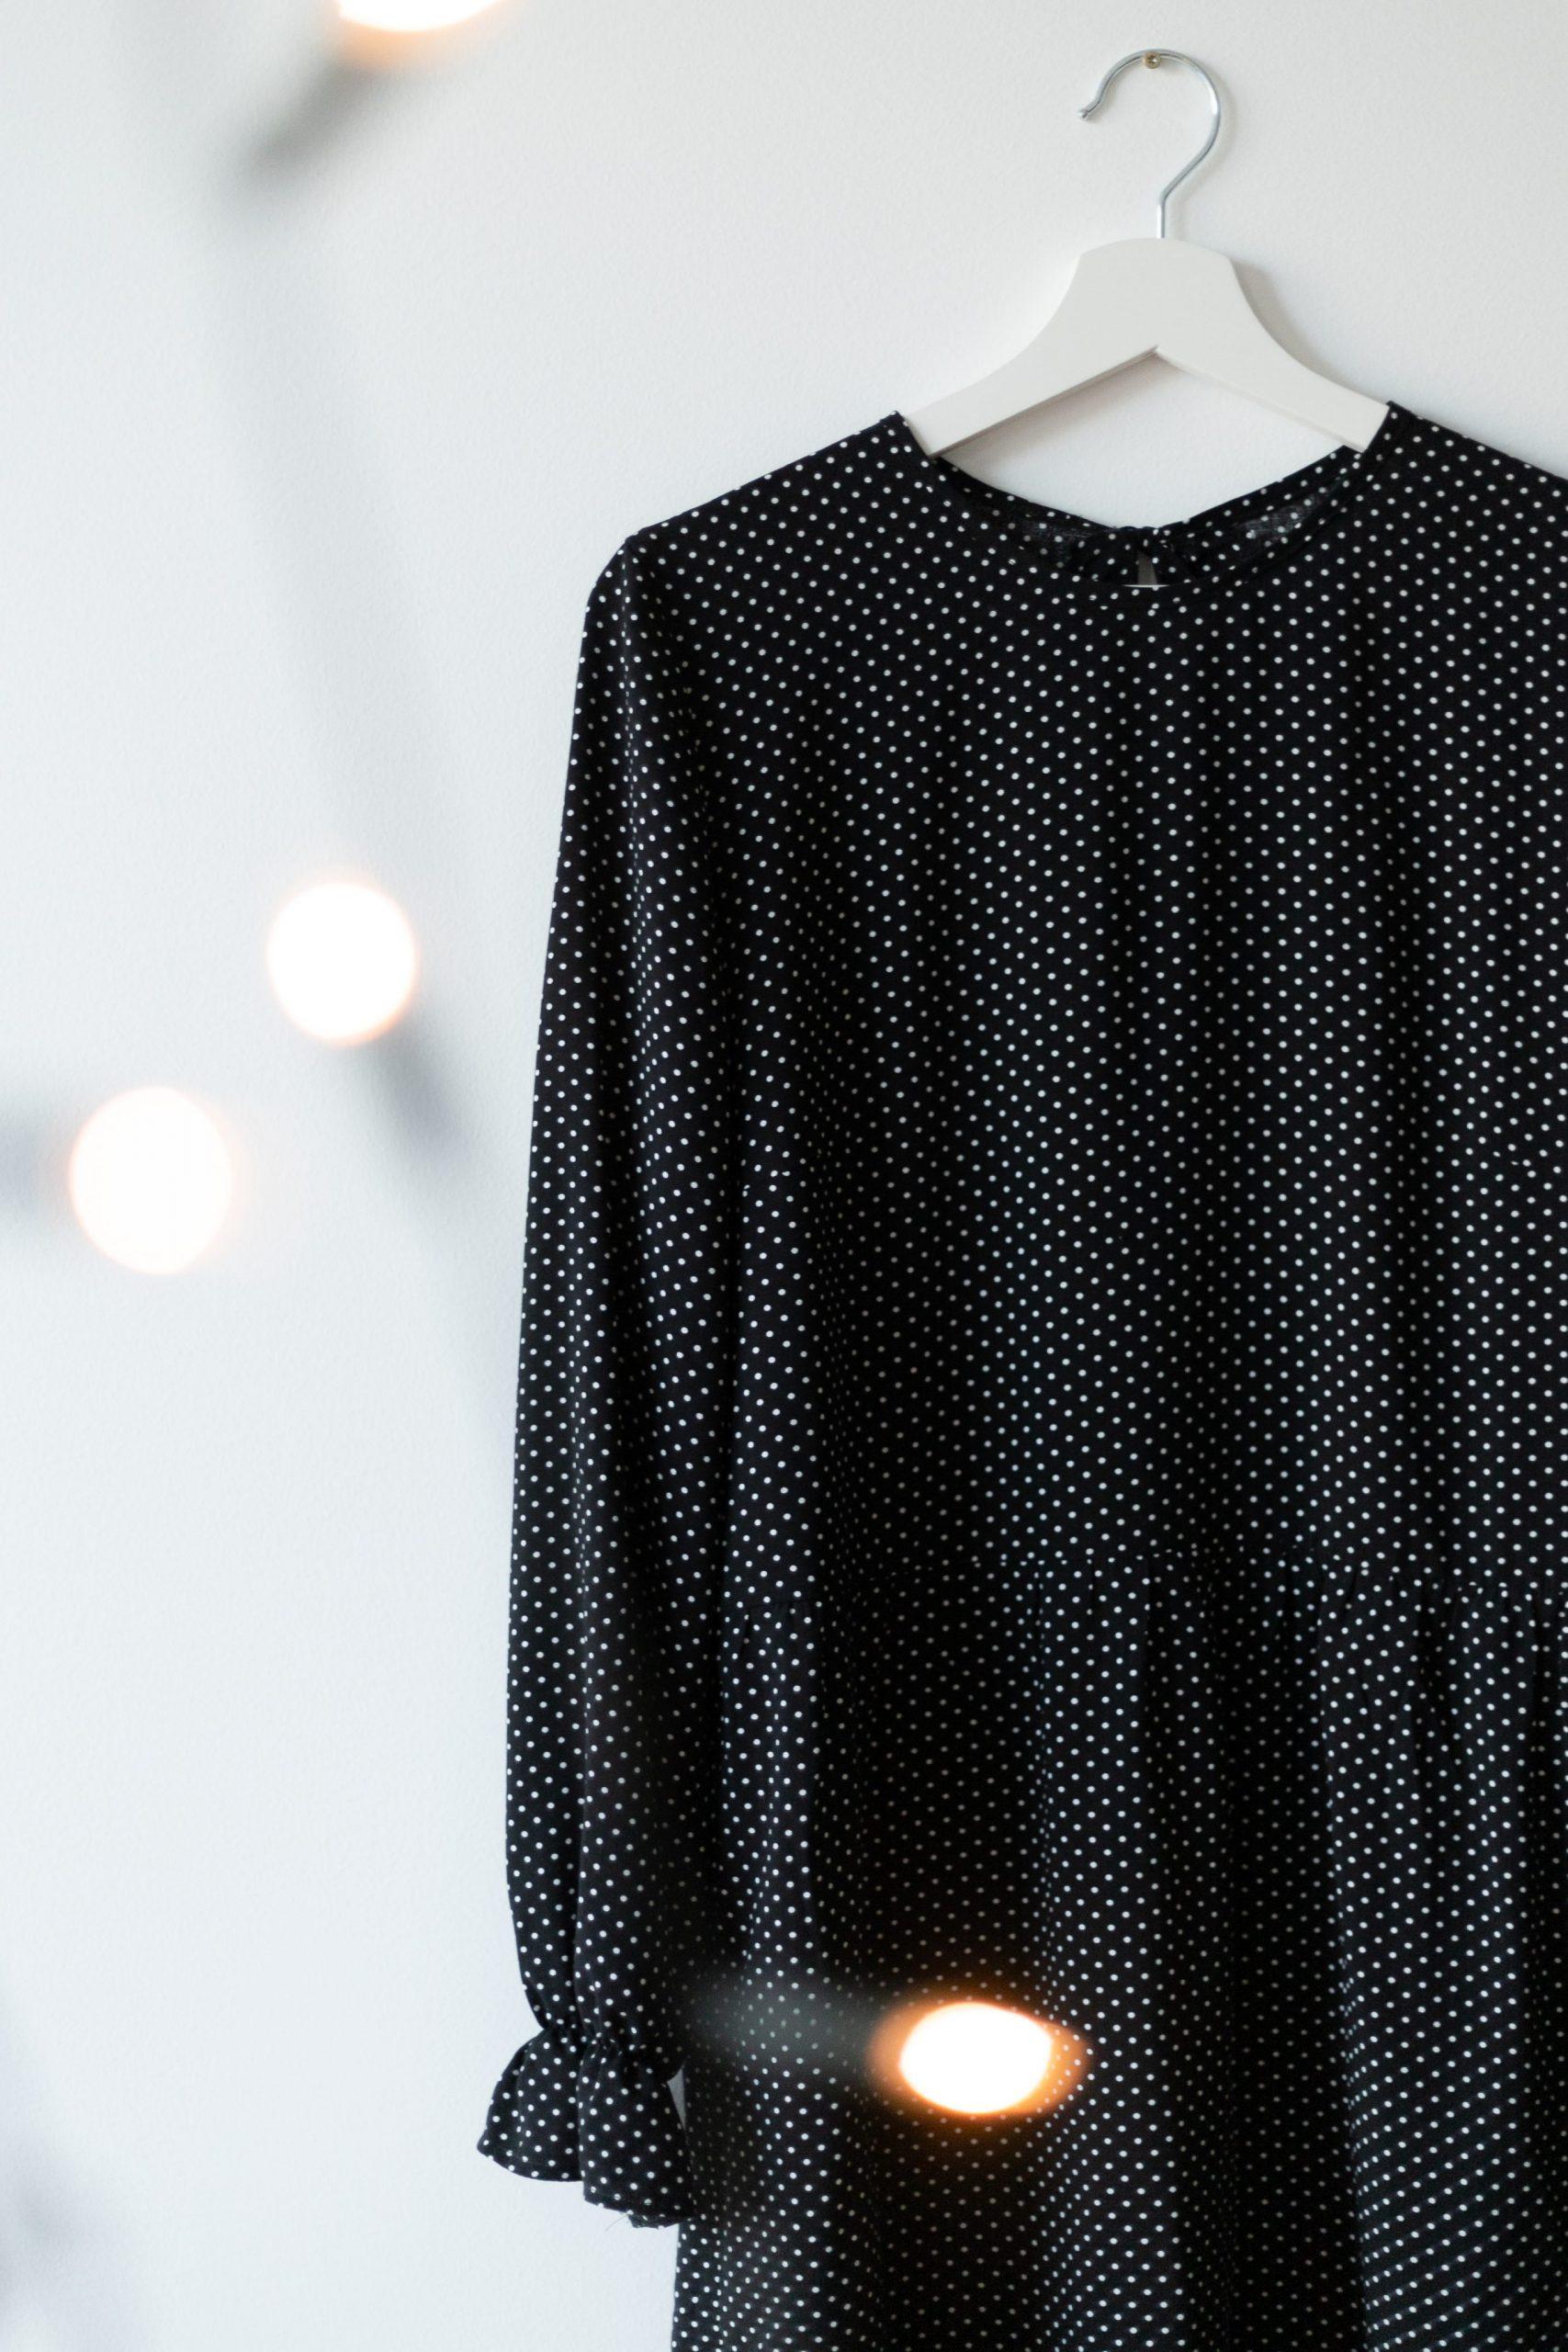 20 Elegant Kleid Für Heilig Abend für 2019Formal Leicht Kleid Für Heilig Abend Galerie